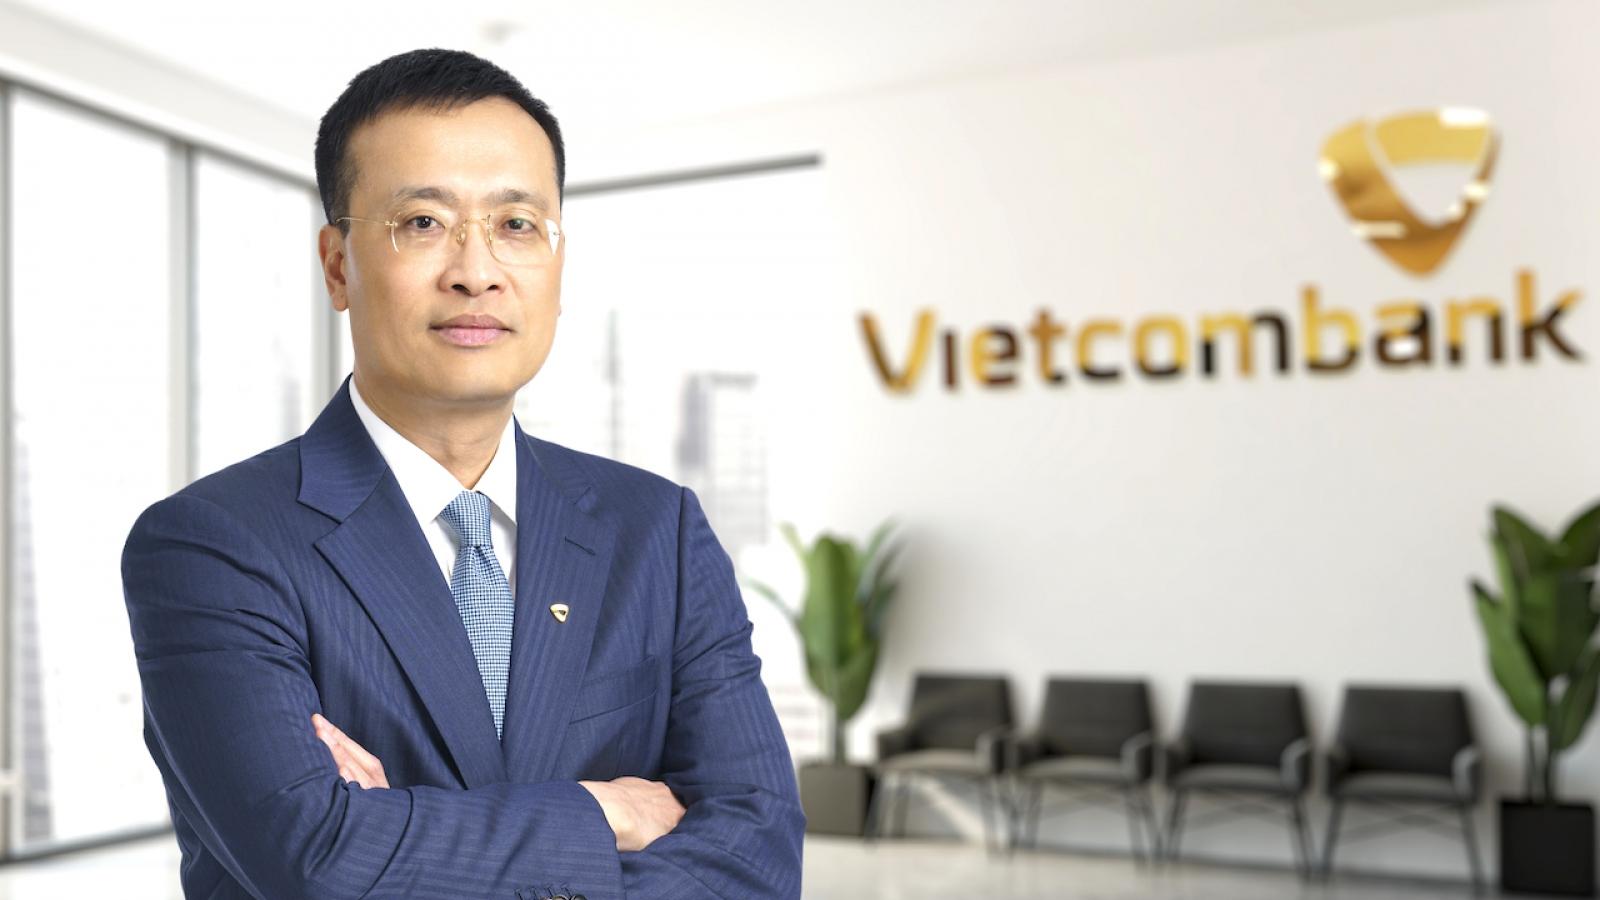 Ông Phạm Quang Dũng được bổ nhiệm làm Chủ tịch Hội đồng quản trị Vietcombank